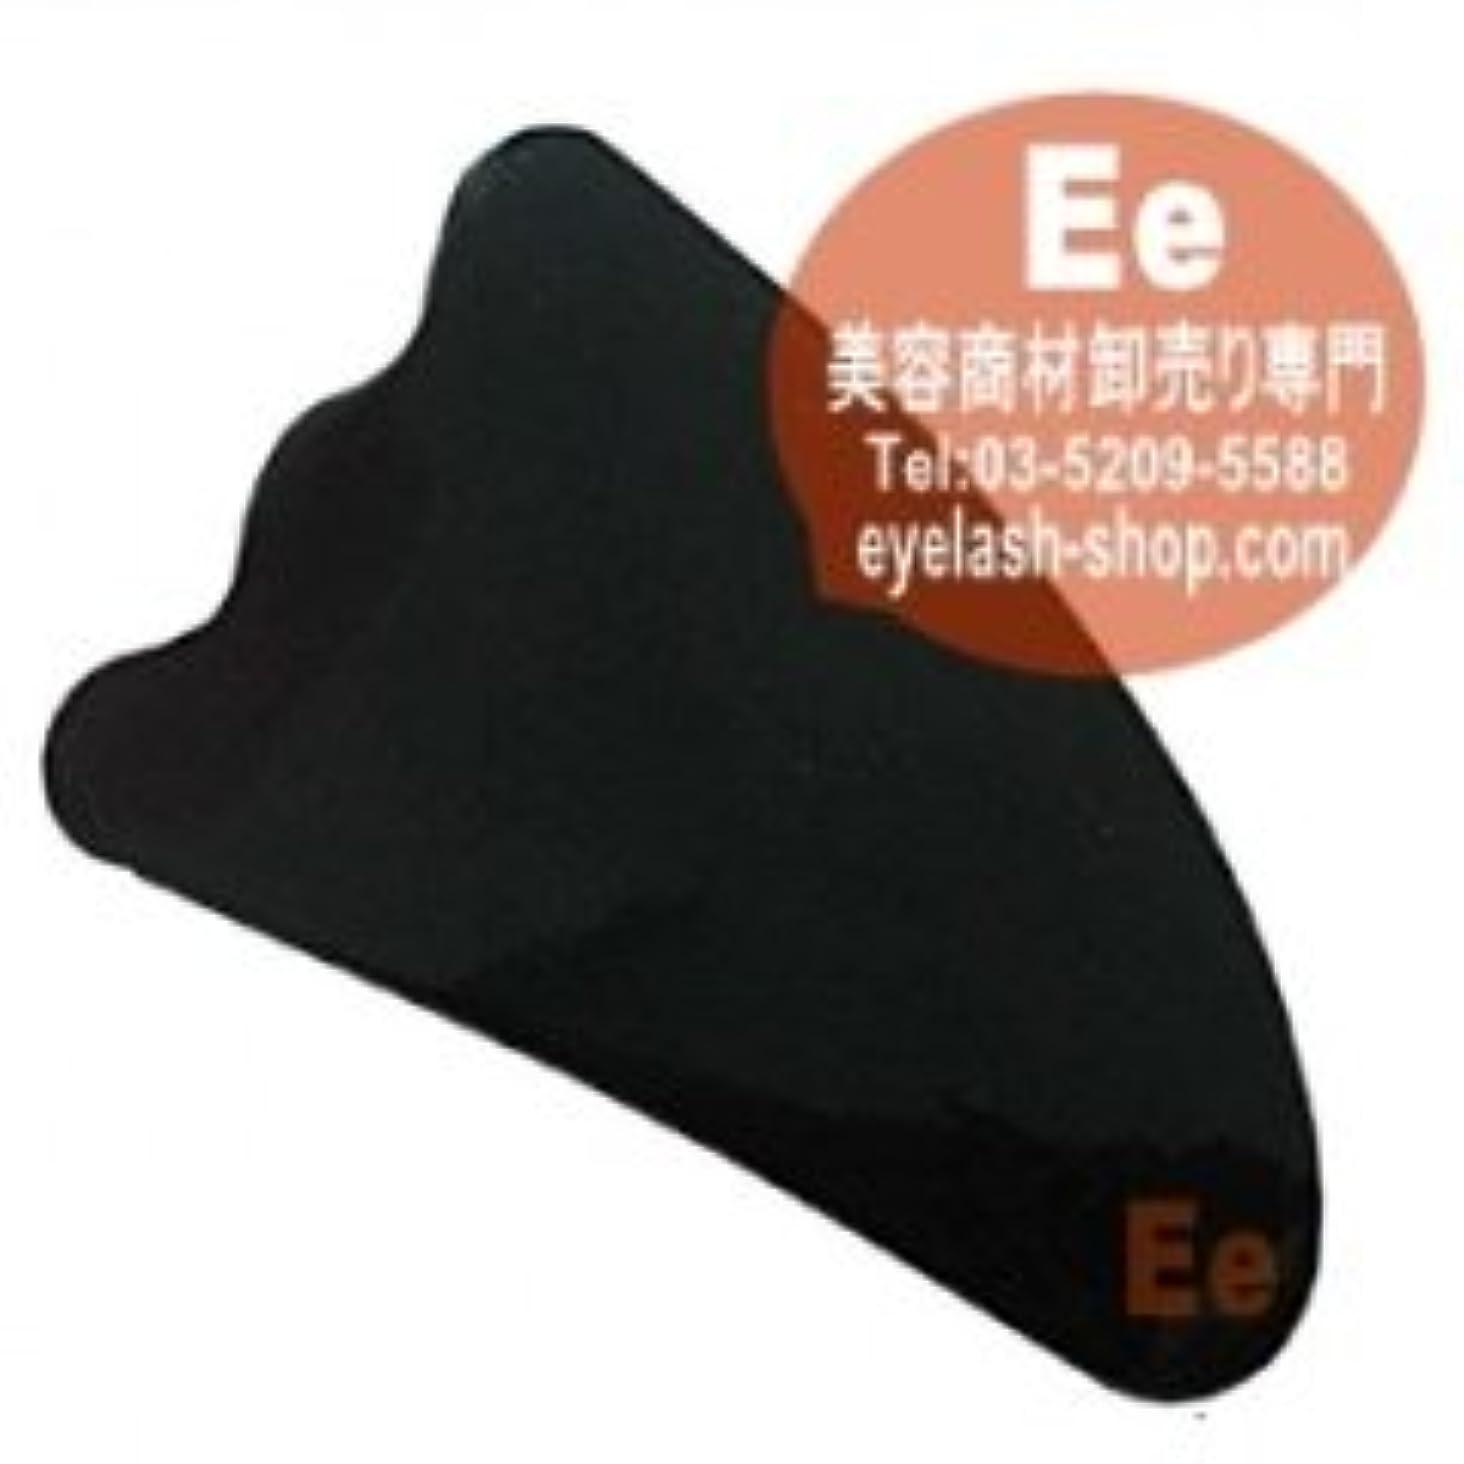 測定可能円形内側かっさ板 かっさプレート 美容マッサージかっさ板 グアシャ板 水牛の角 A-06